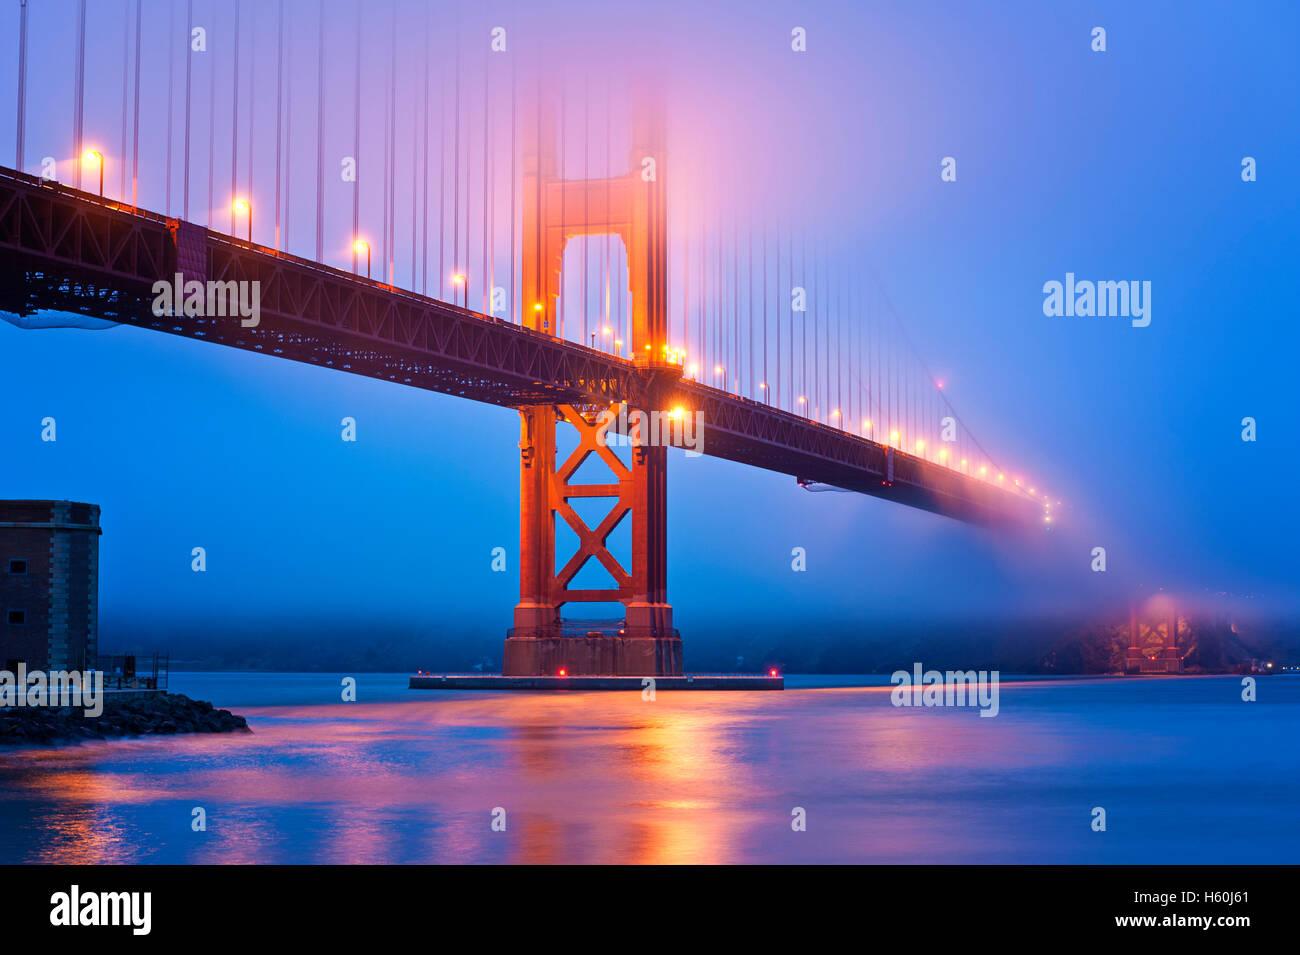 Puente Golden Gate San Francisco al atardecer Imagen De Stock